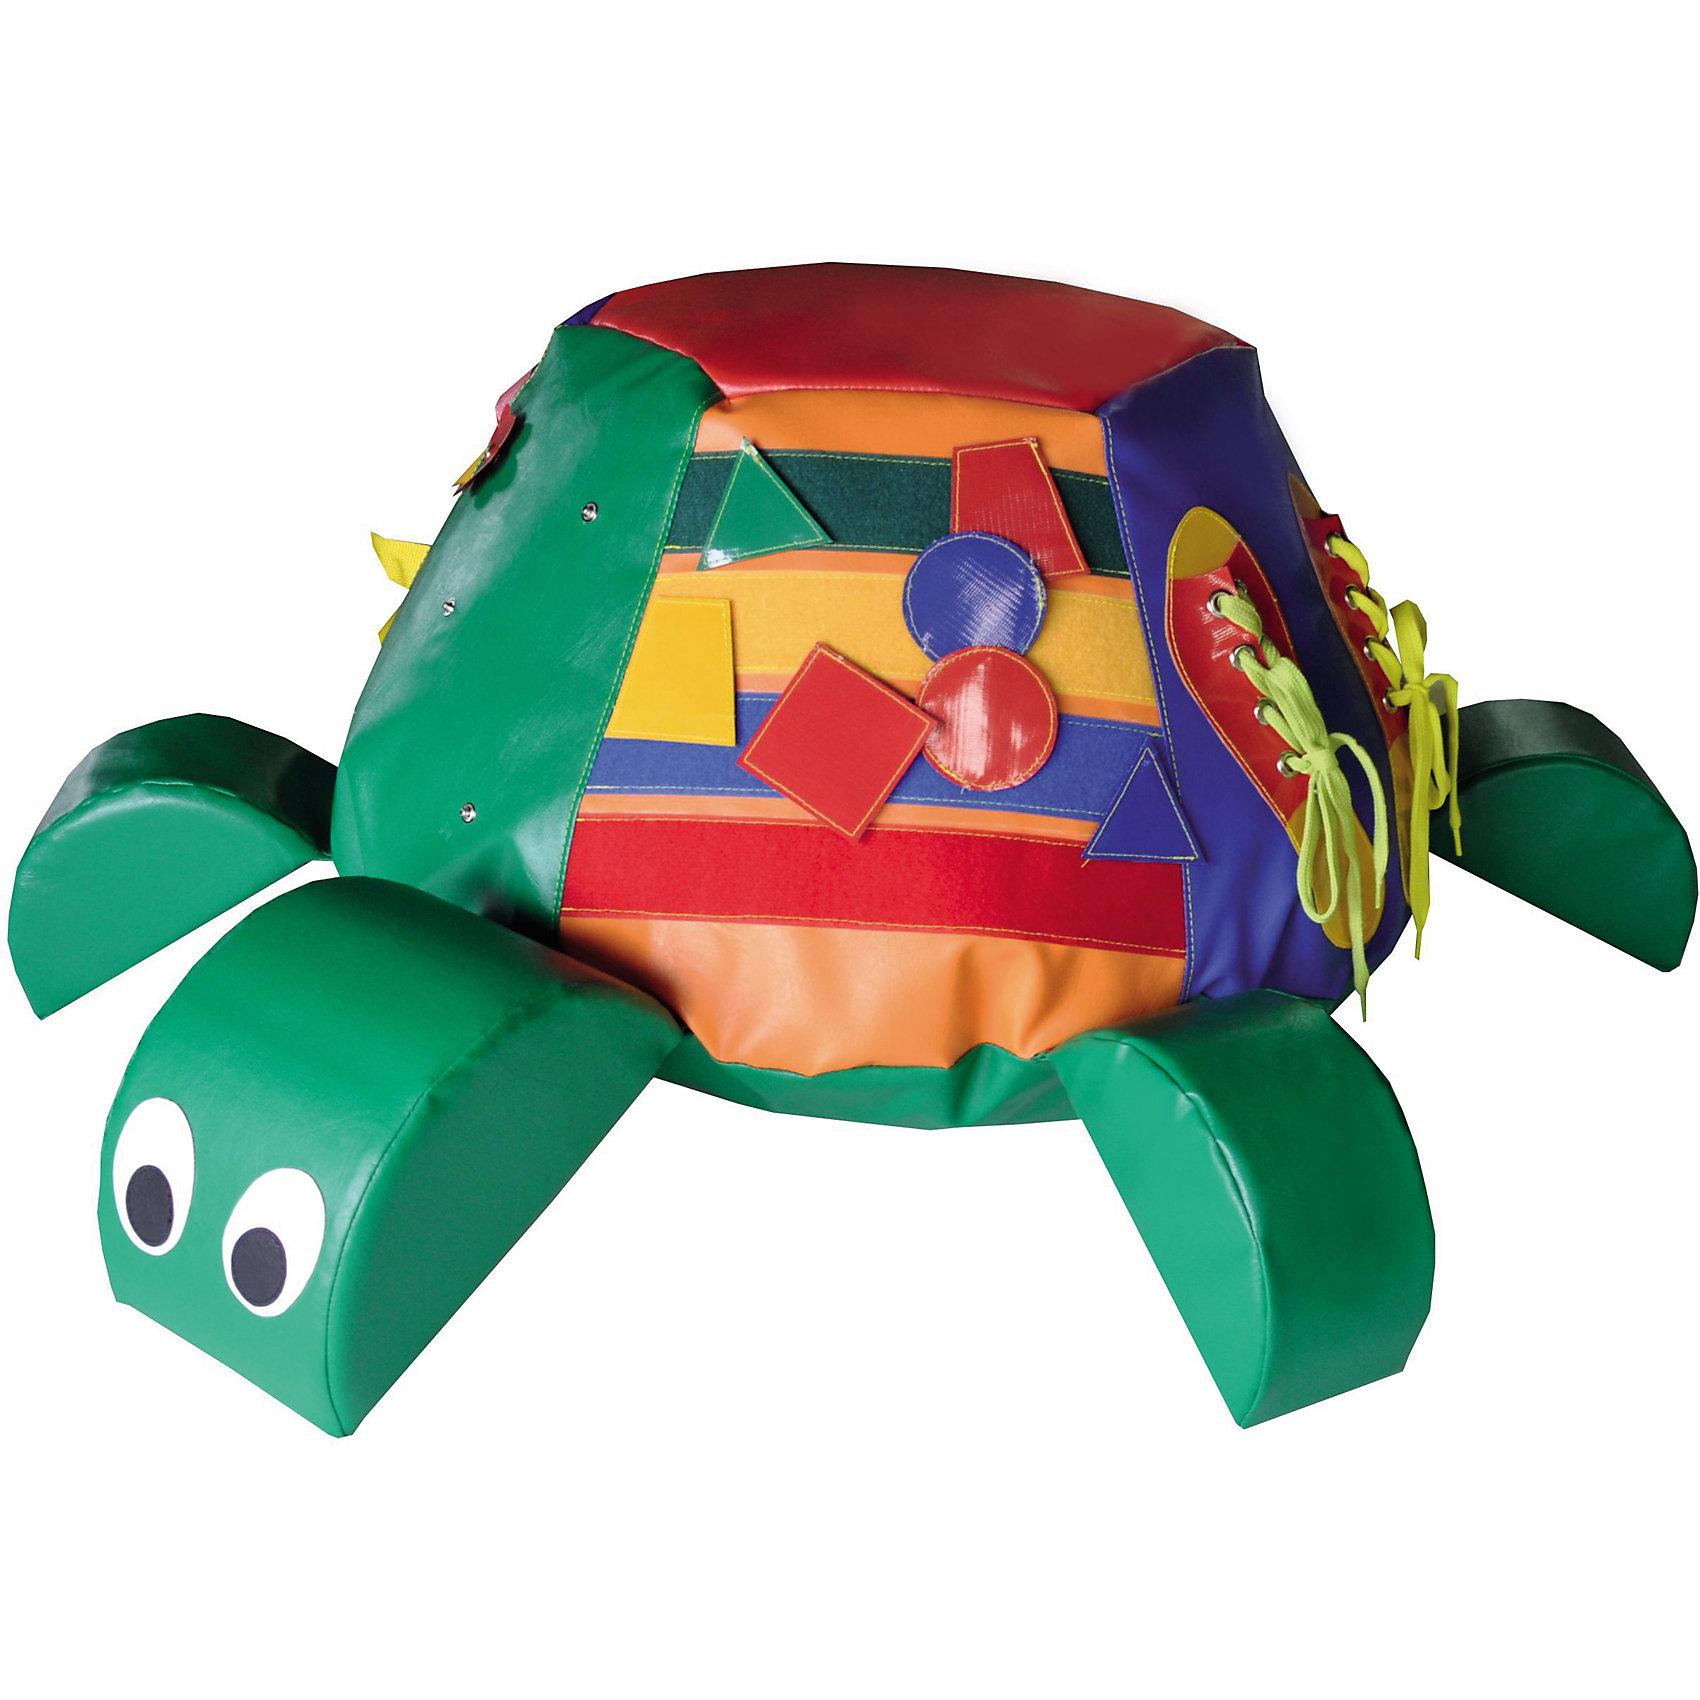 Развивающая игрушка Черепаха, ROMANAРазвивающие игрушки<br>Развивающая игрушка Черепаха, ROMANA<br><br>Характеристики:<br><br>• Материал внешнего слоя: кожзаменитель<br>• Наполнитель: поролон<br>• Размер комплекса: 70х70х20 см<br>• Цвет: зеленый<br>• Возраст: от 18 месяцев до 3 лет<br><br>Развивающая игрушка «Черепаха» - это непросто игрушка для ребенка, это целый игровой комплекс. Центр комплекса (спинка черепахи) – это мягкий пуфик, который выдерживает нагрузку до 50кг. Комплекс очень крепкий, устойчивый к царапинам, деформации. Легко моется и не выцветает со временем. Яркие цвета черепашки и ее деталей привлекают малыша. Такая игрушка развивает моторику, вестибулярный аппарат, выносливость, ловкость и многое другое. Каждая сторона панциря – это отдельный тренажер, который помогает ребенку изучить что-то новое.<br><br>Развивающая игрушка Черепаха, ROMANA можно купить в нашем интернет-магазине.<br><br>Ширина мм: 700<br>Глубина мм: 700<br>Высота мм: 350<br>Вес г: 1500<br>Возраст от месяцев: 216<br>Возраст до месяцев: 36<br>Пол: Унисекс<br>Возраст: Детский<br>SKU: 5129361